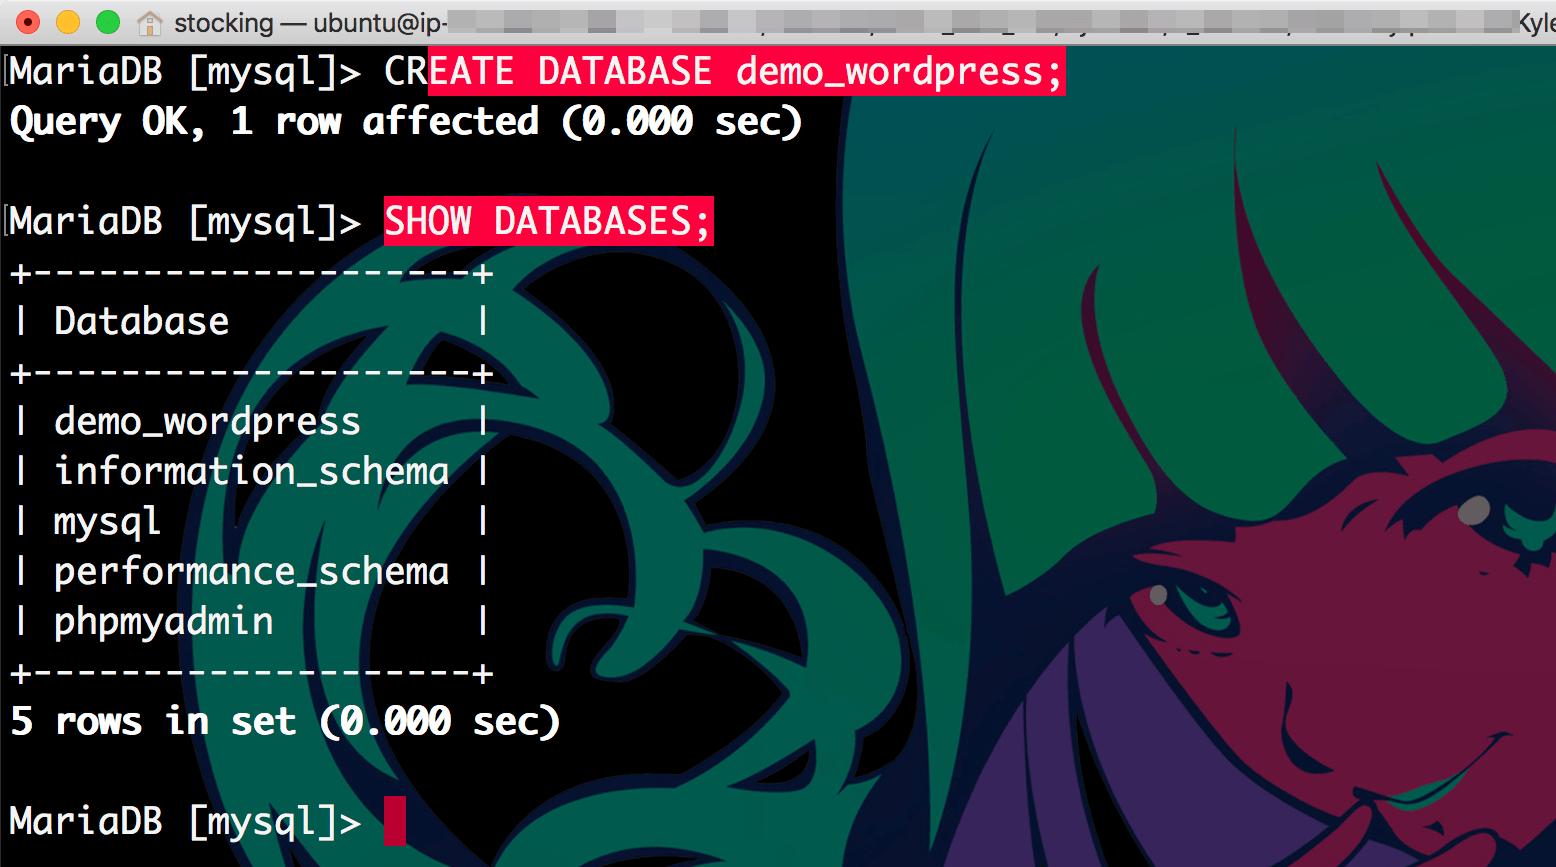 새로운 데이터베이스를 생성하고 데이터베이스 목록을 띄워보니 만들어진게 확인된다